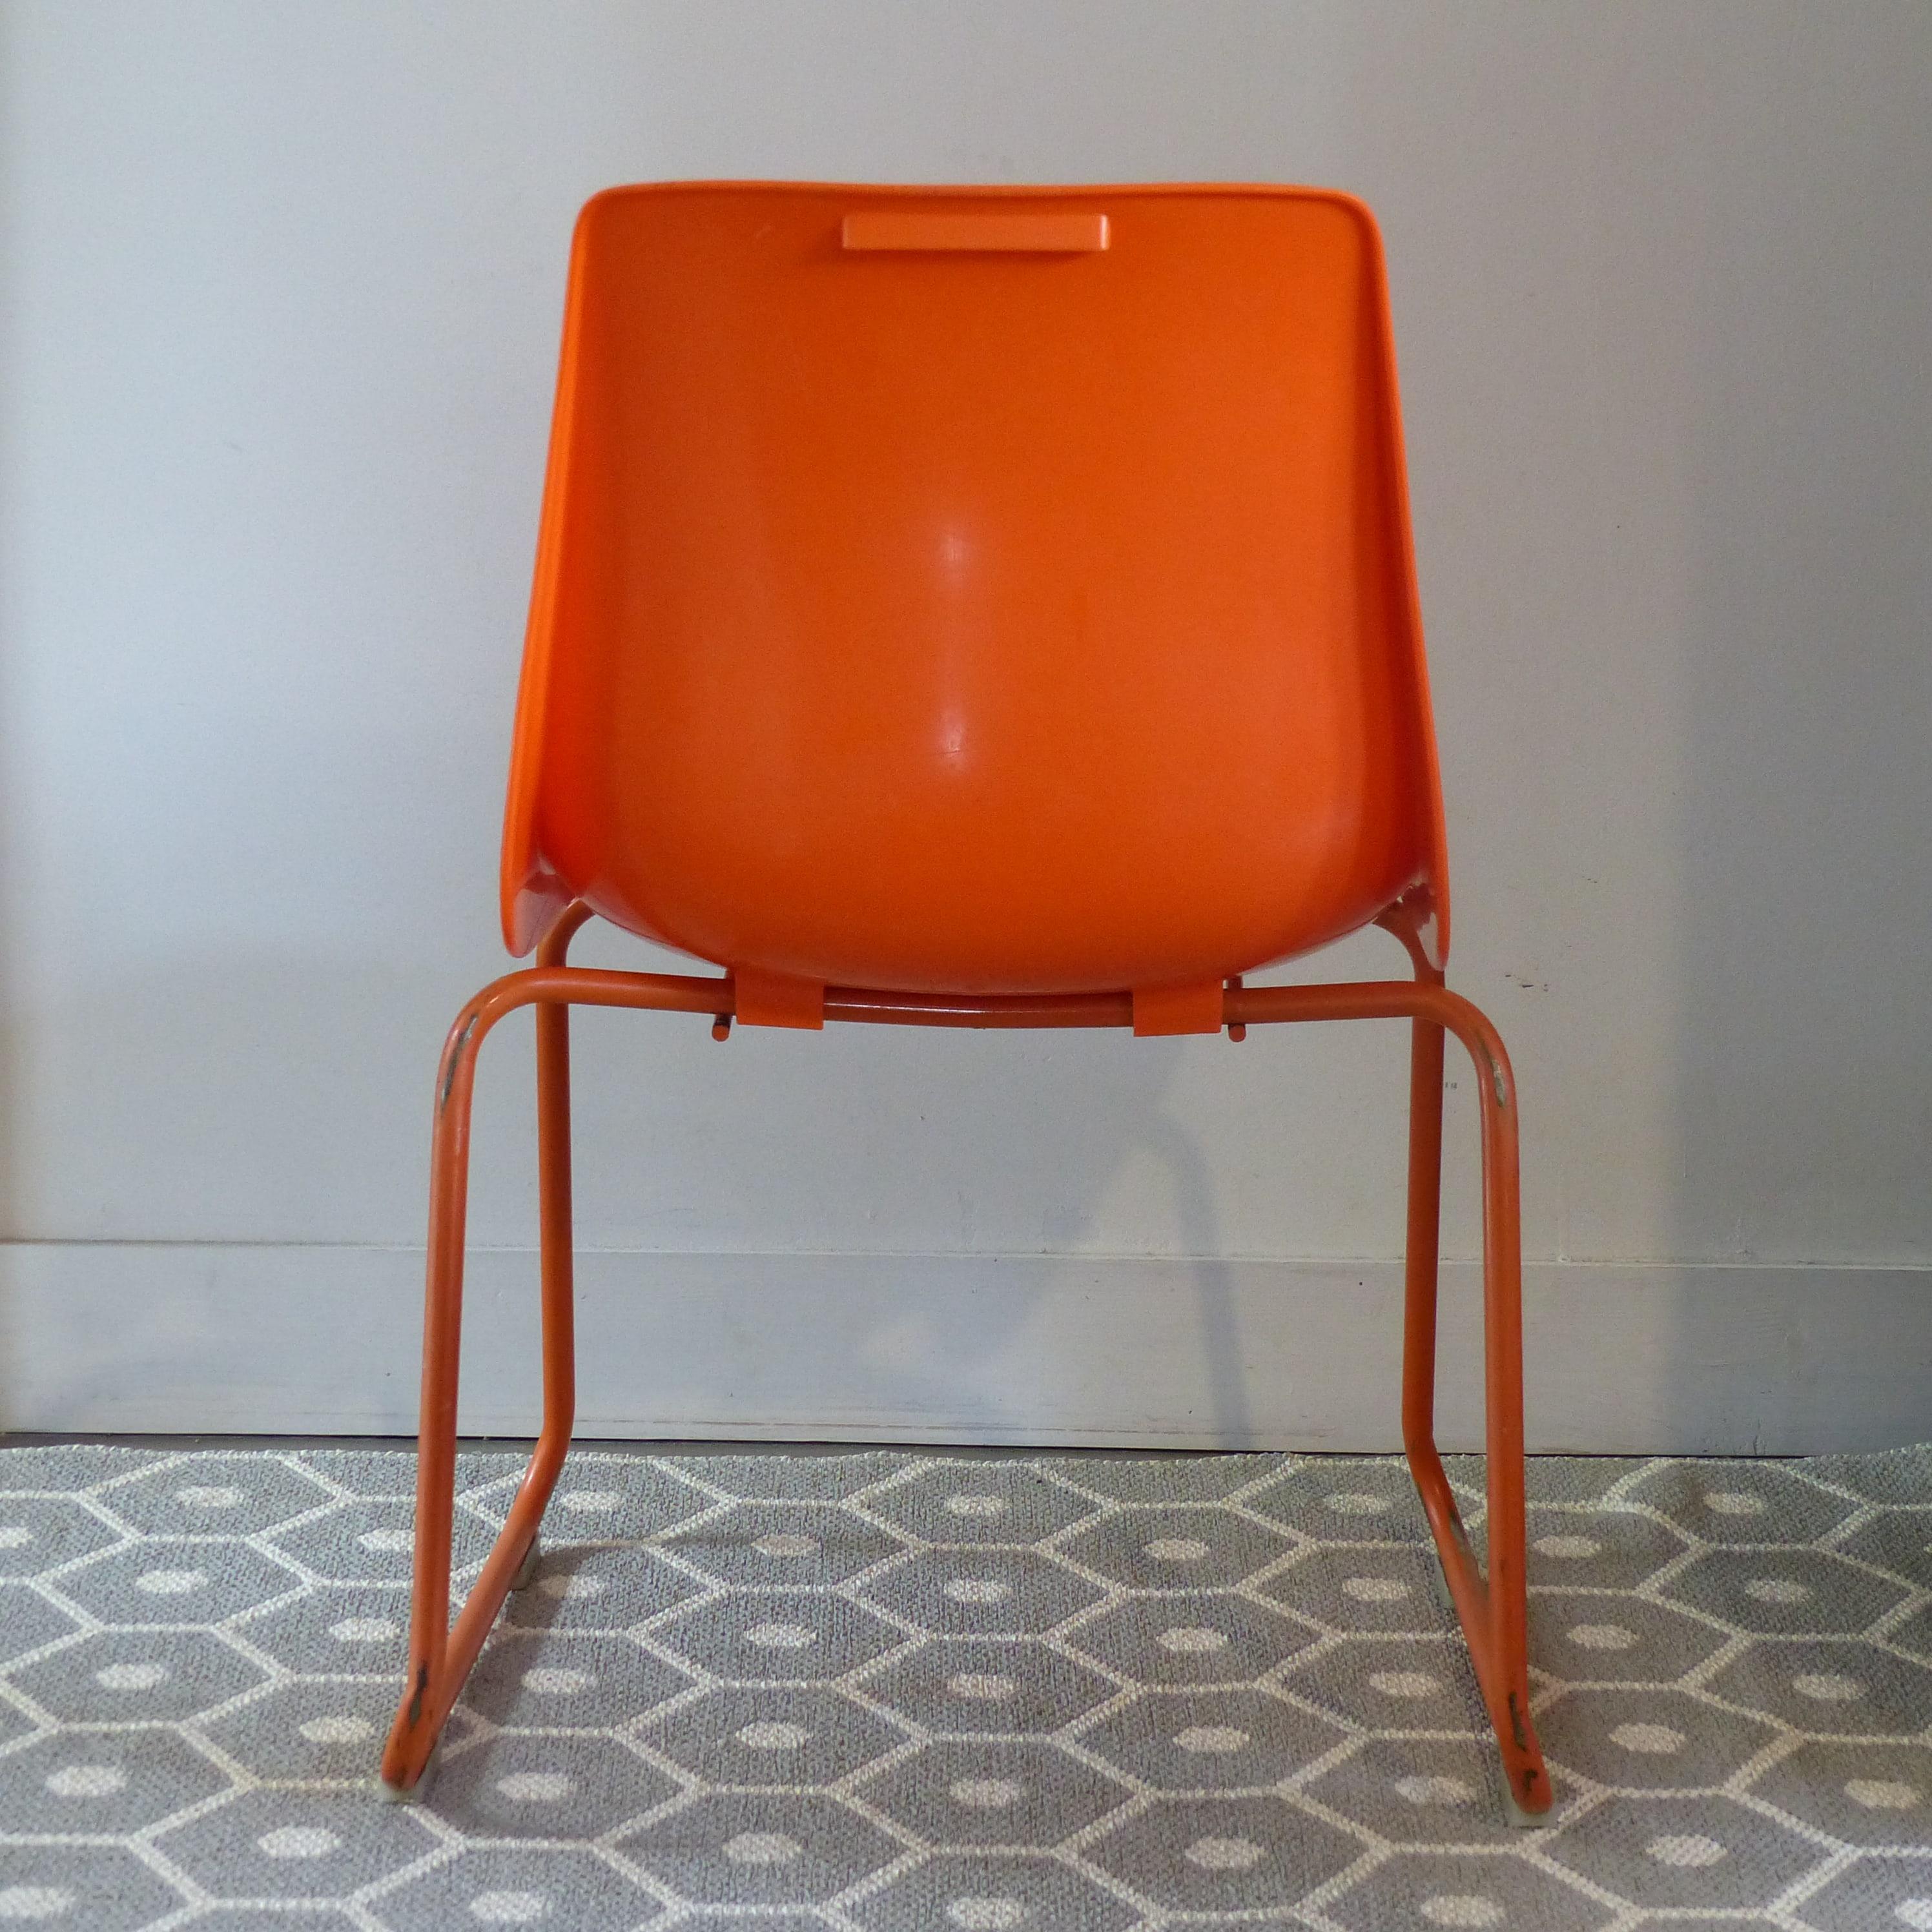 Chaise pour enfant en plastique moul orange grosfillex - Peinture pour chaise plastique ...